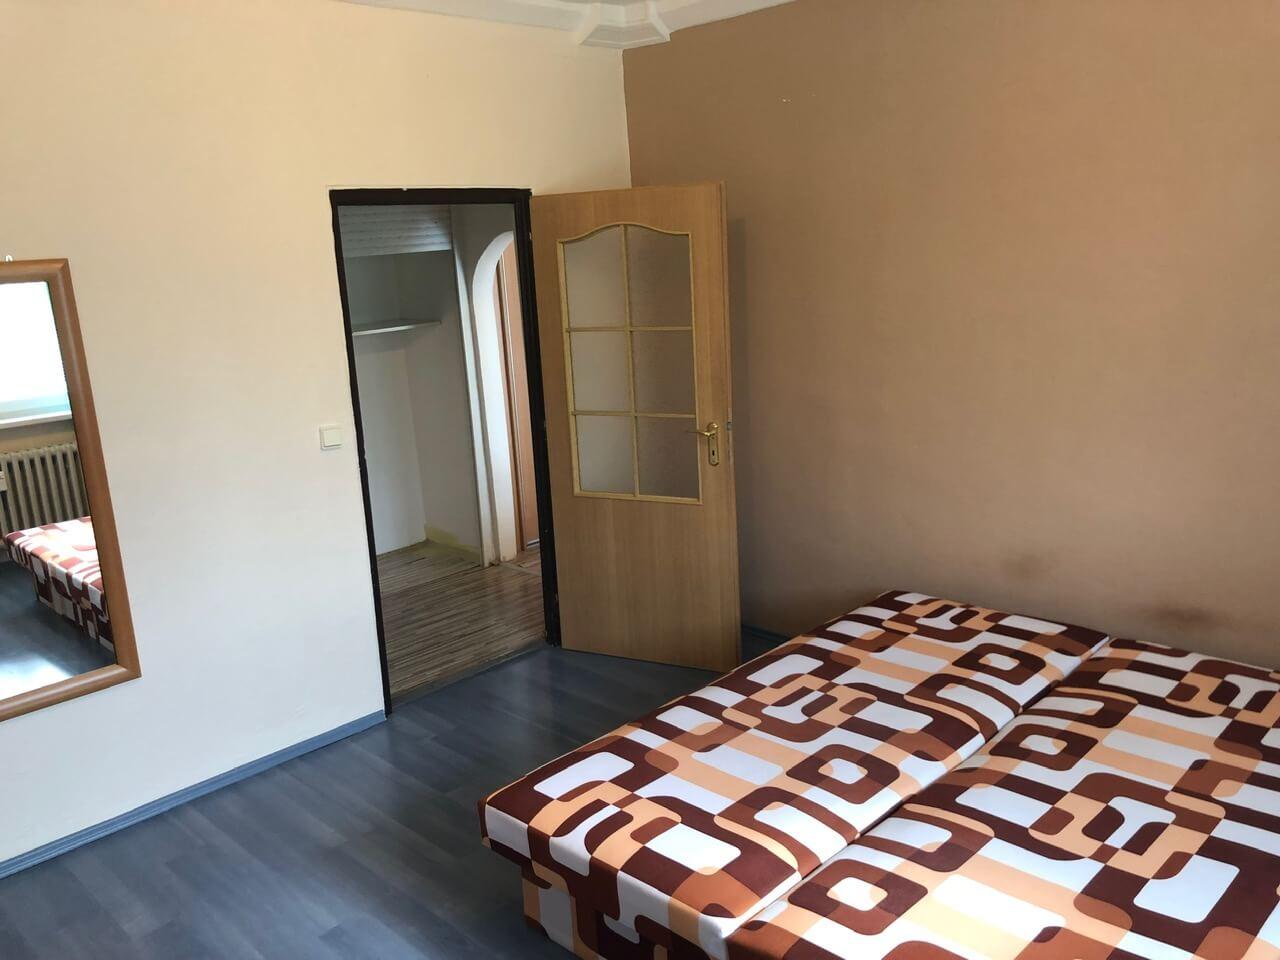 Prenajatý: 3 izbový byt, Račianska 85, 63m2, balkon 10m2, výborná lokalita-32